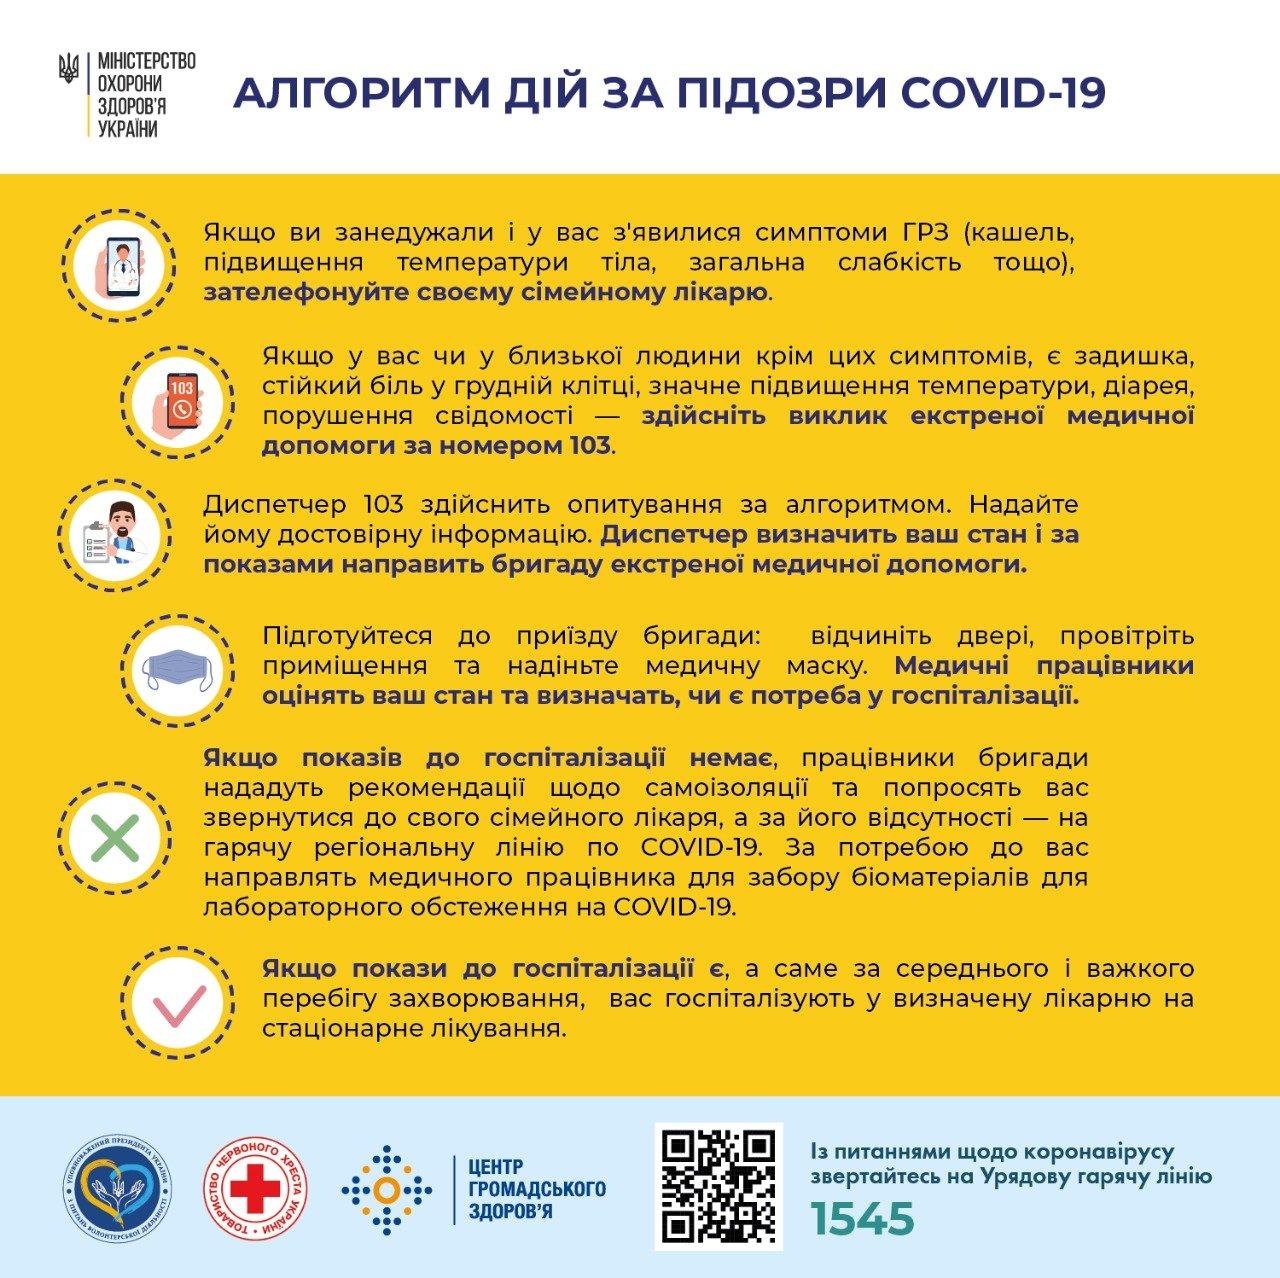 Коронавиурс в Киеве: в столице новый антирекорд заболеваемости COVID-19, фото-1